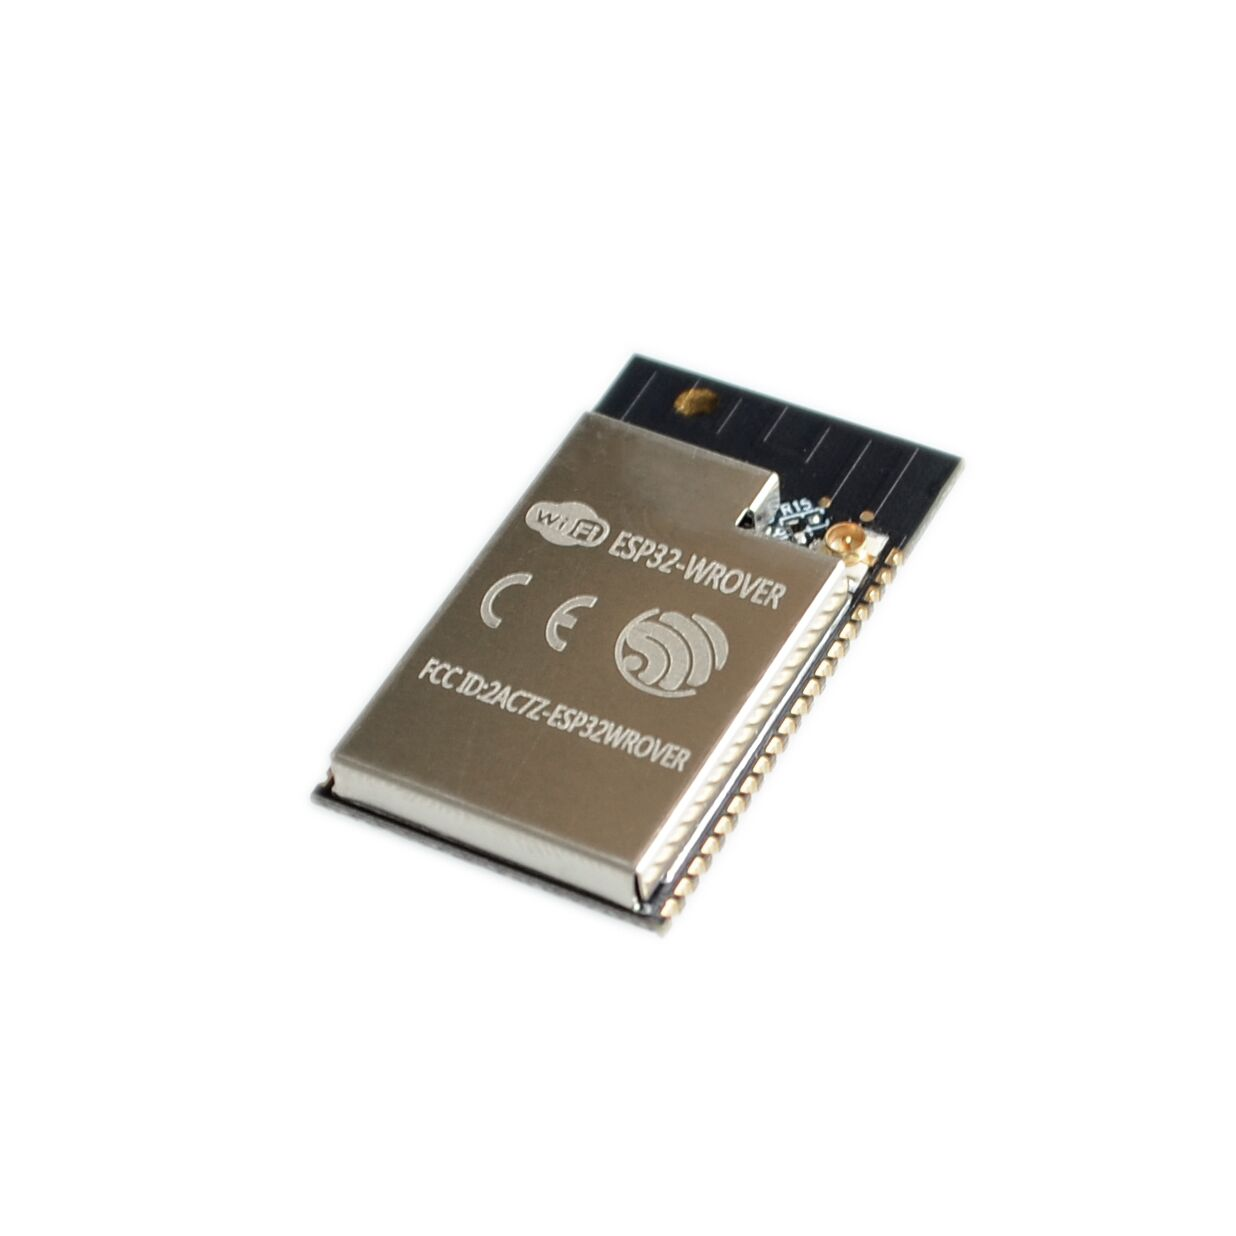 5PCS/LOT ESP32-WROVER ESP-32 ESP-32S ESP32 WROVER 4MB Module with 32 Mbits PSRAM5PCS/LOT ESP32-WROVER ESP-32 ESP-32S ESP32 WROVER 4MB Module with 32 Mbits PSRAM